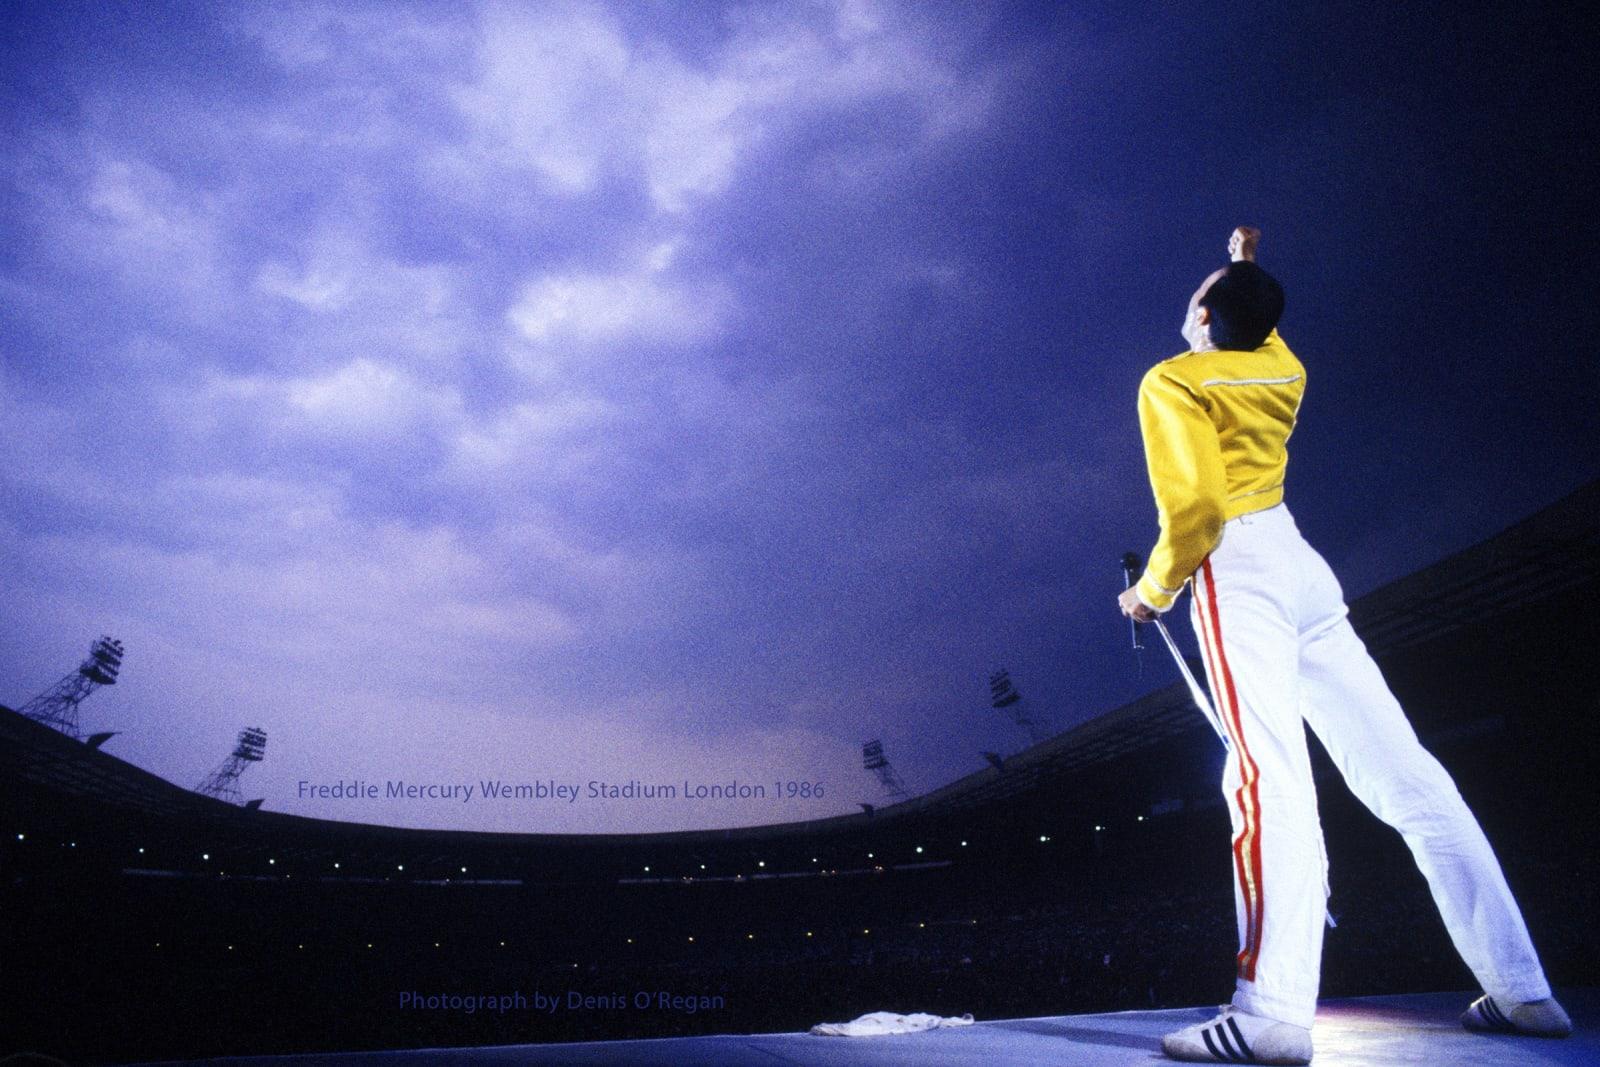 QUEEN, Freddie Mercury Wembley Stadium, 1986